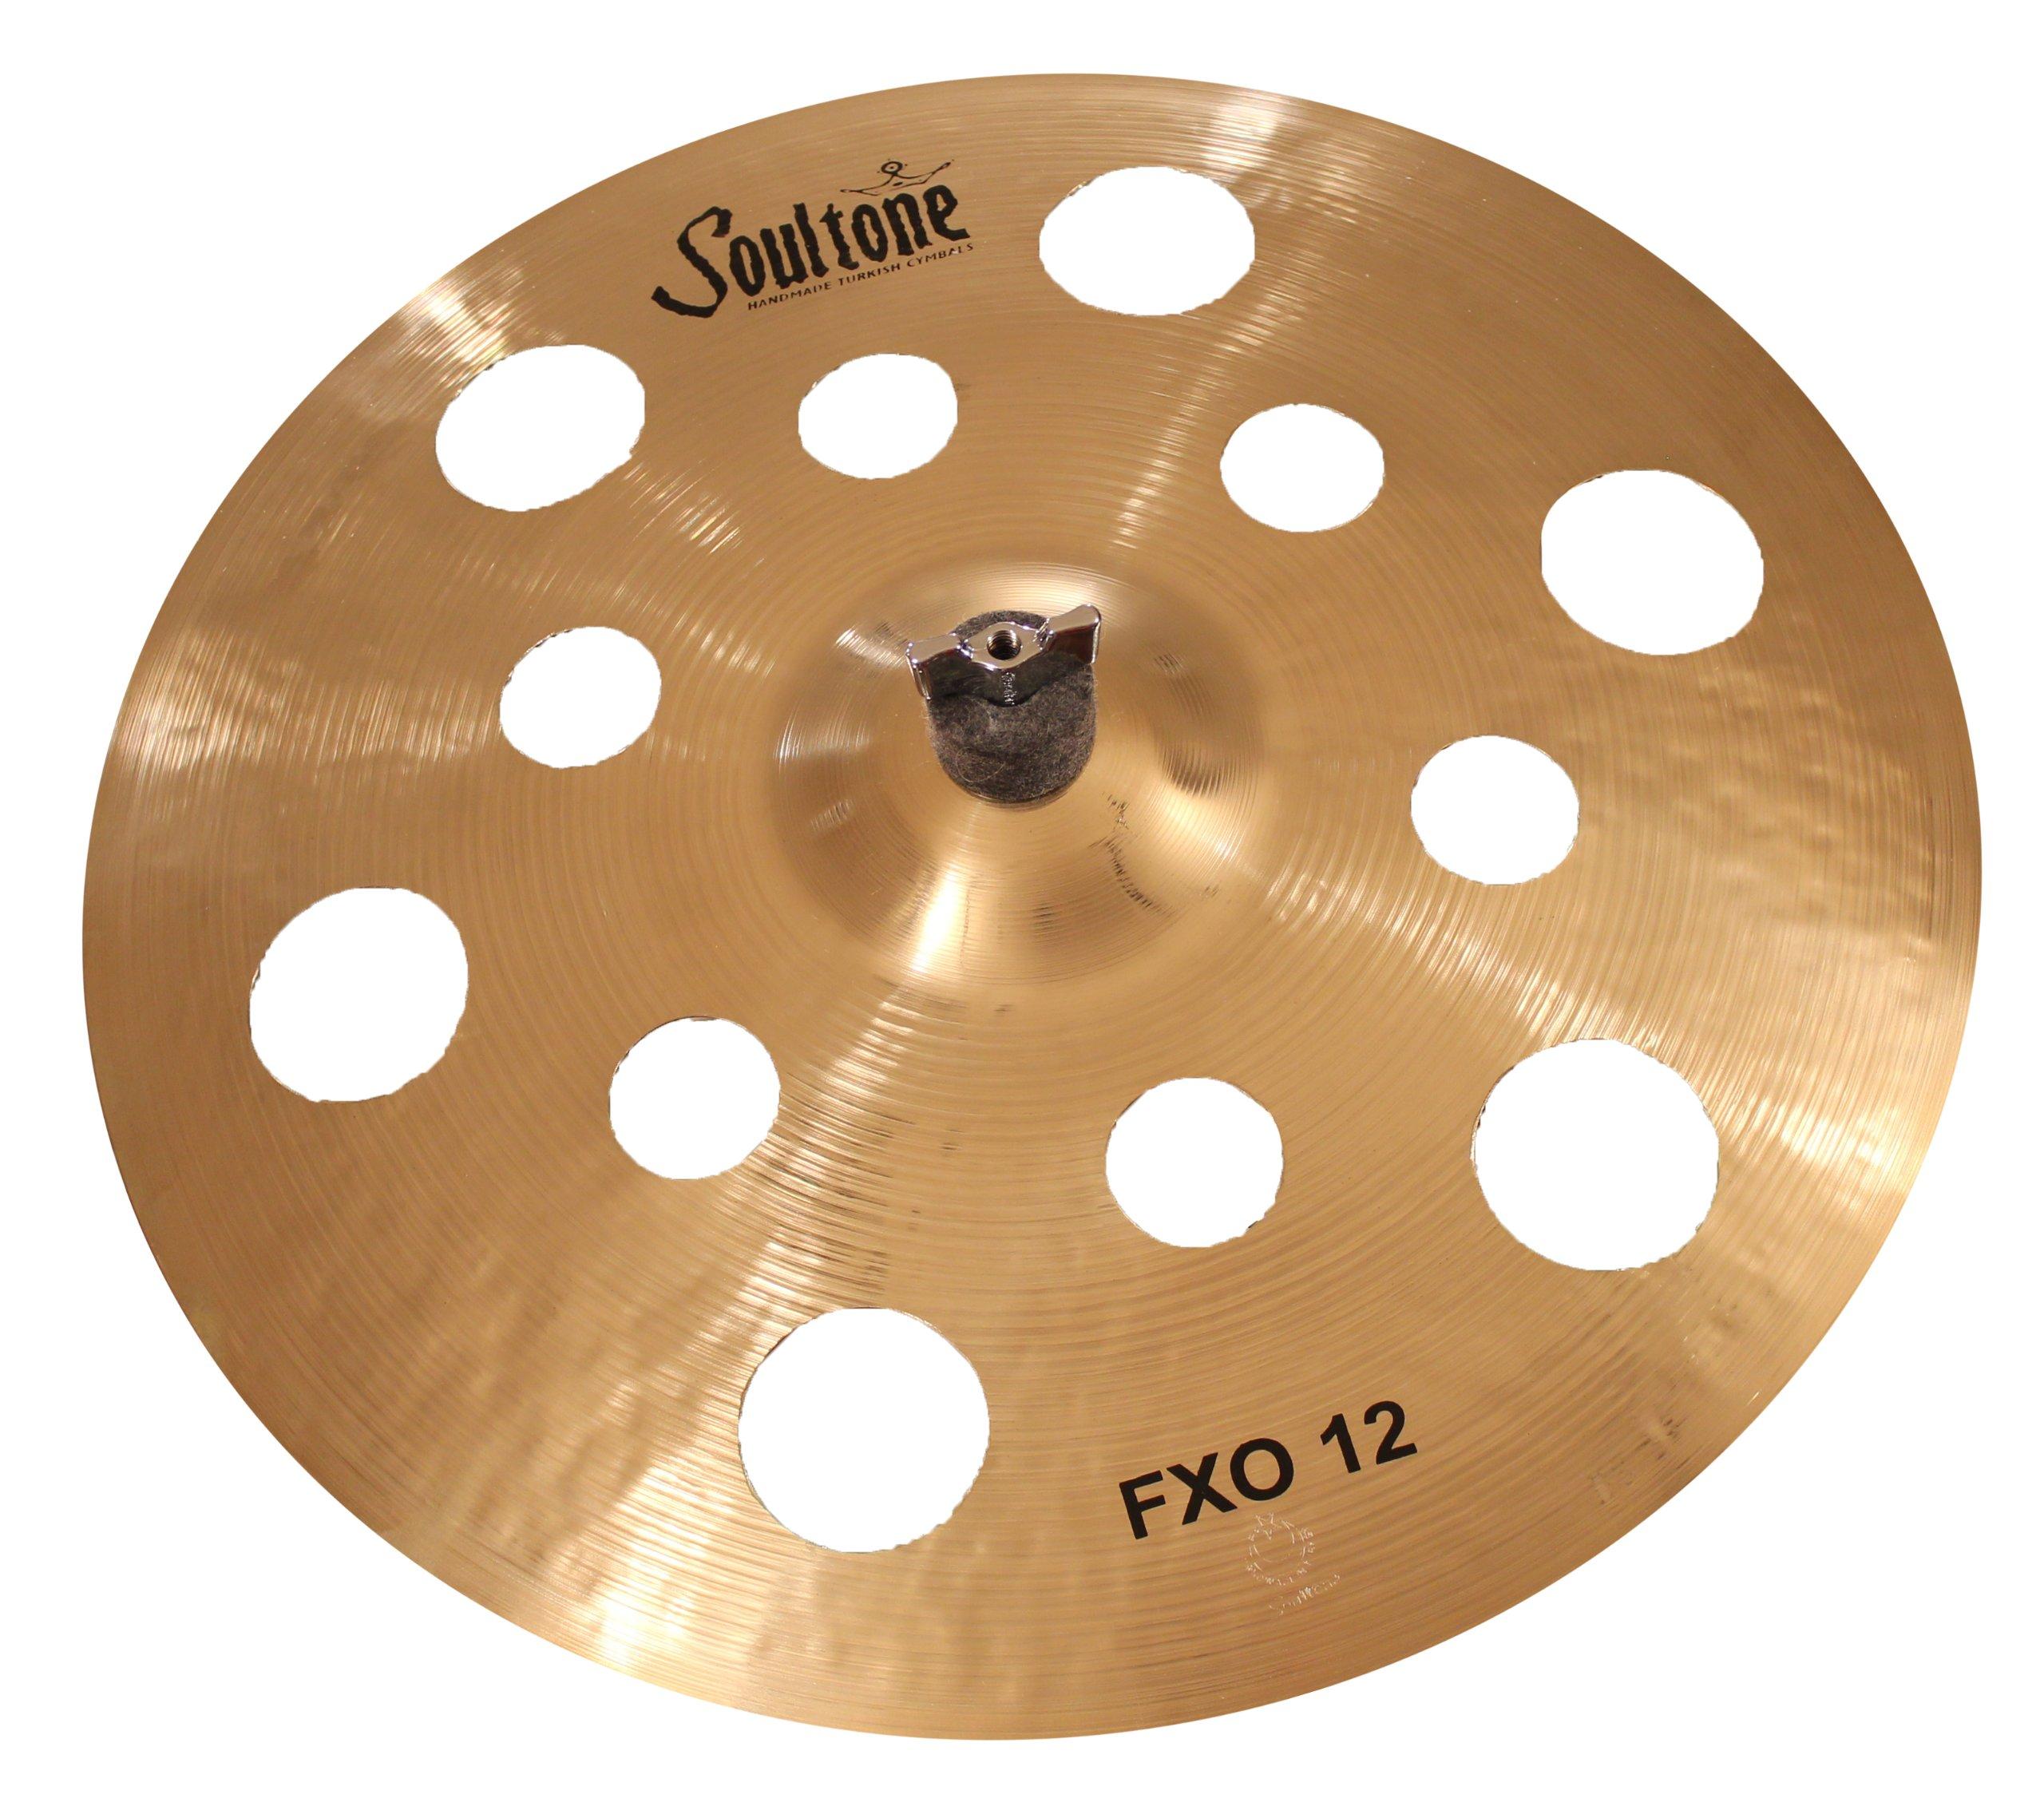 Soultone Cymbals F12-FXO20-20'' FXO 12 Crash